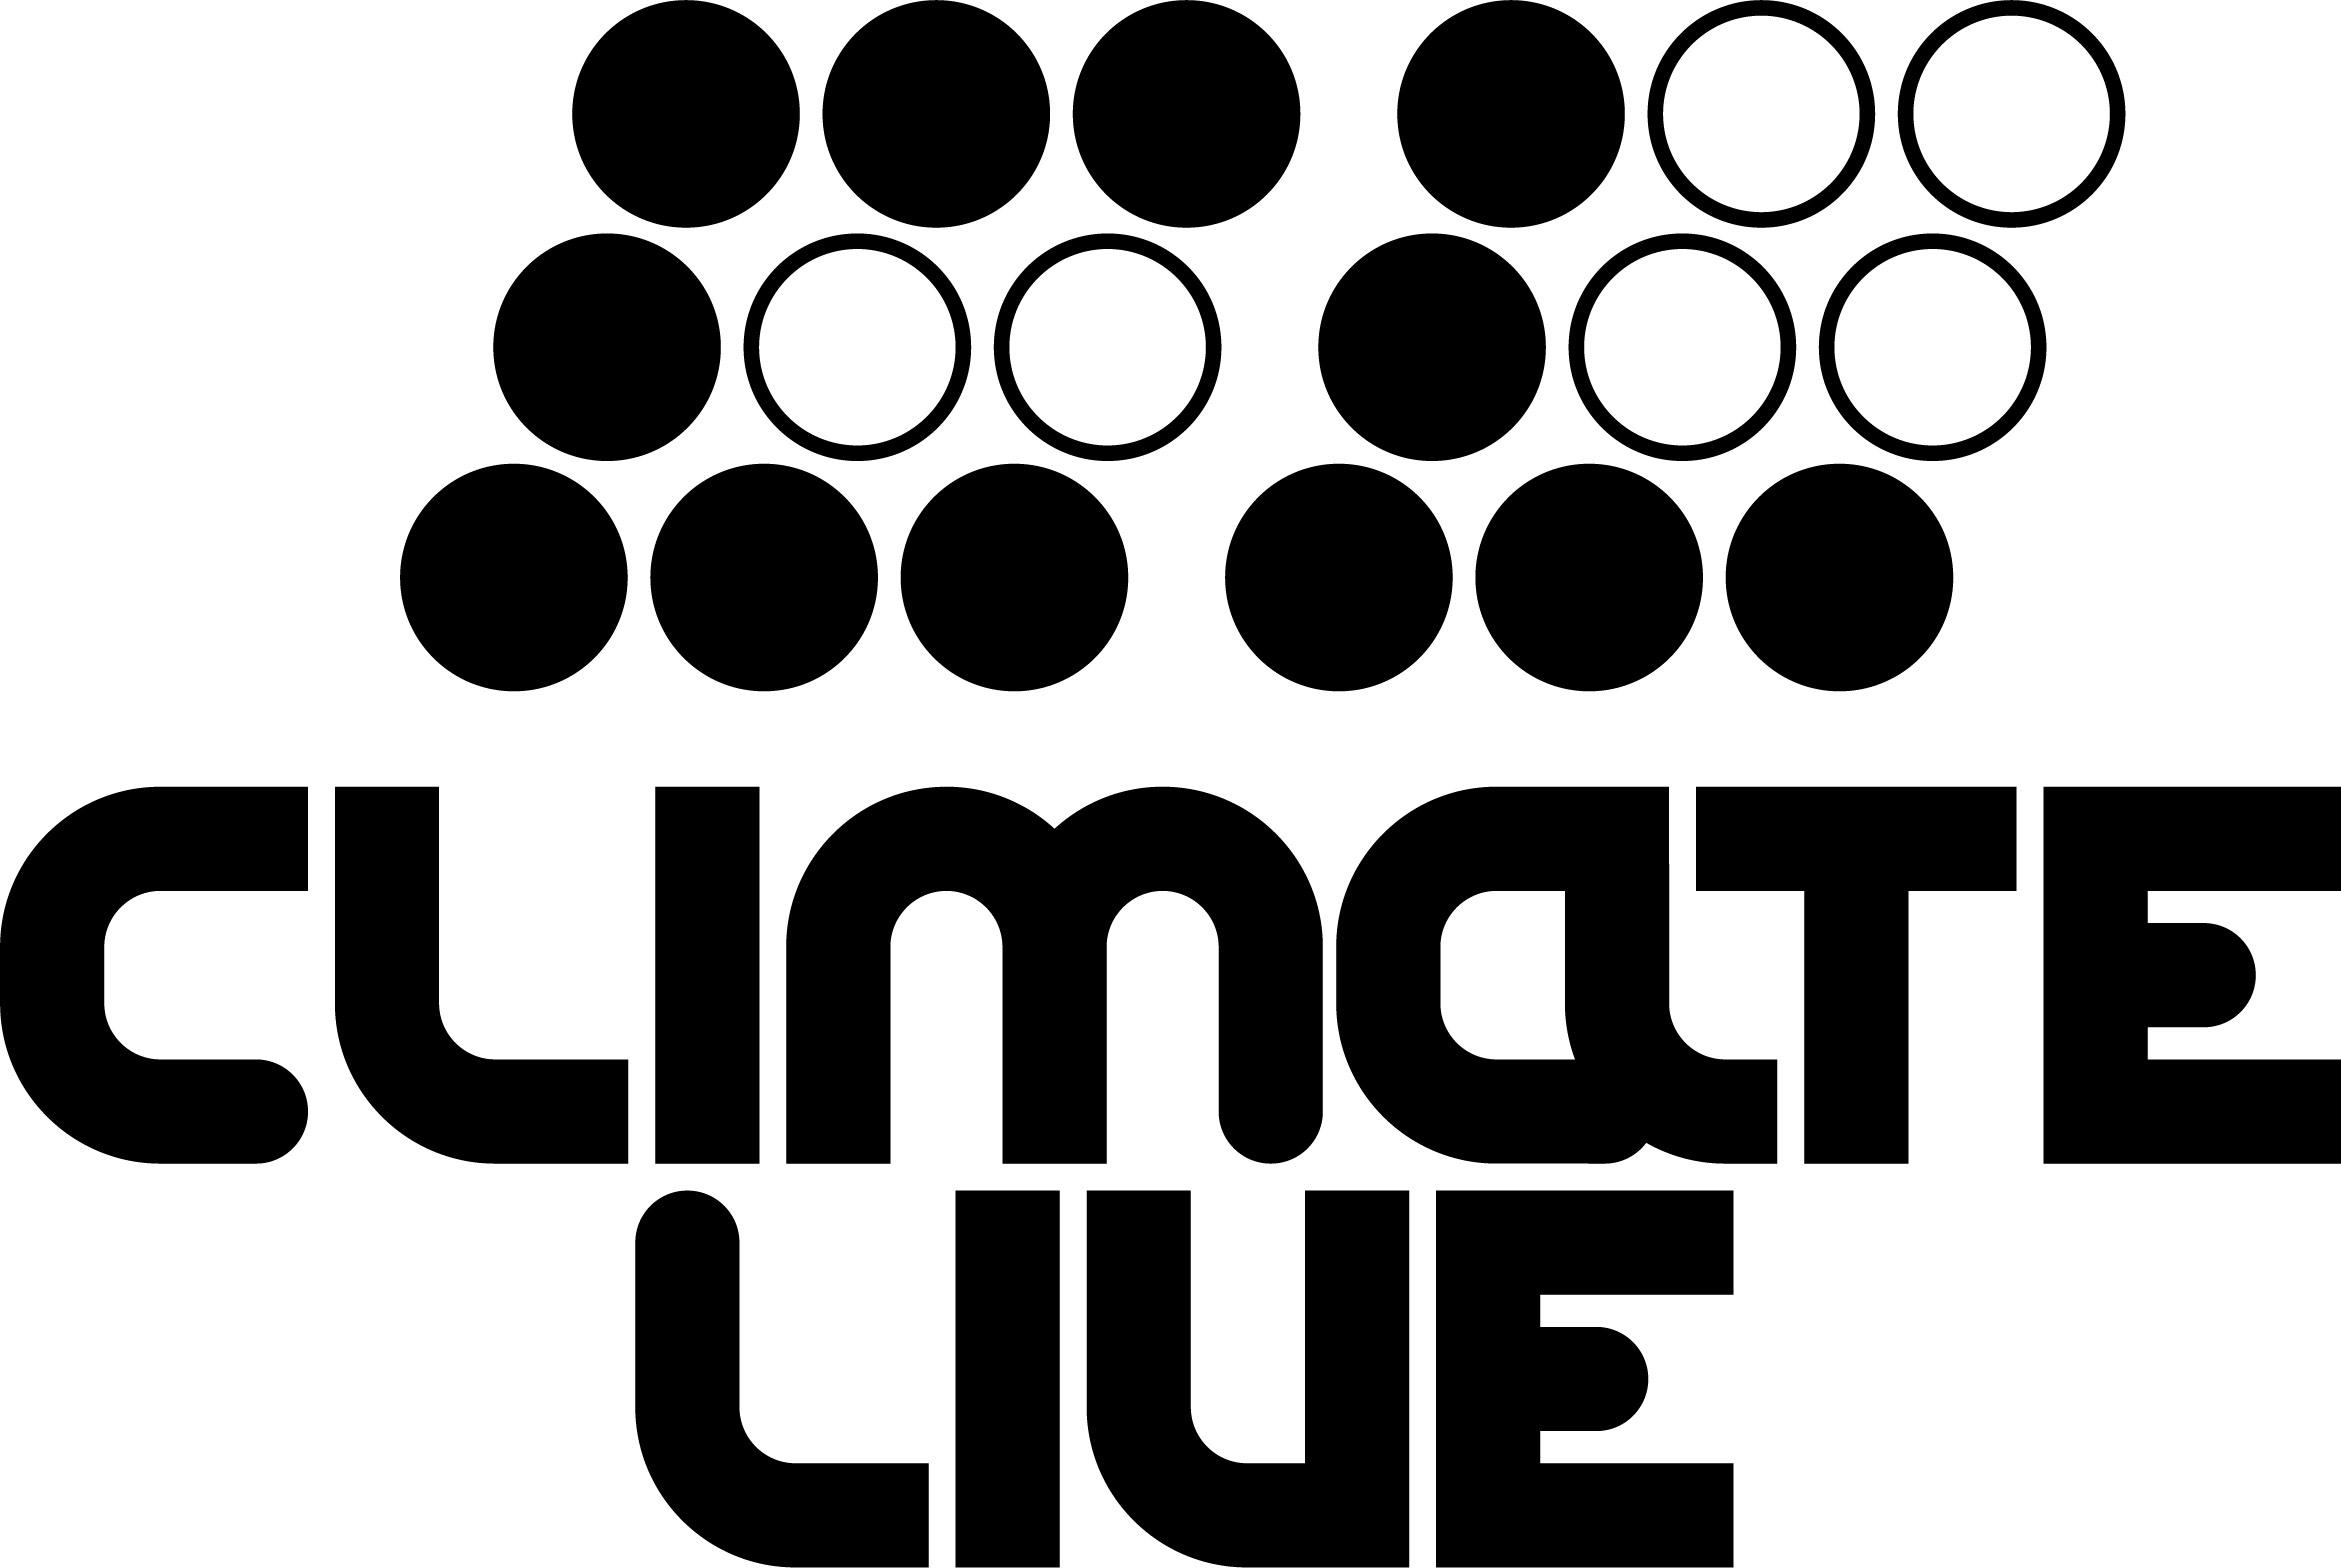 学生が主体となり気候変動への理解と行動喚起を目的とする音楽イベント「Climate Live Japan」が2021年4月24日(土)に開催!